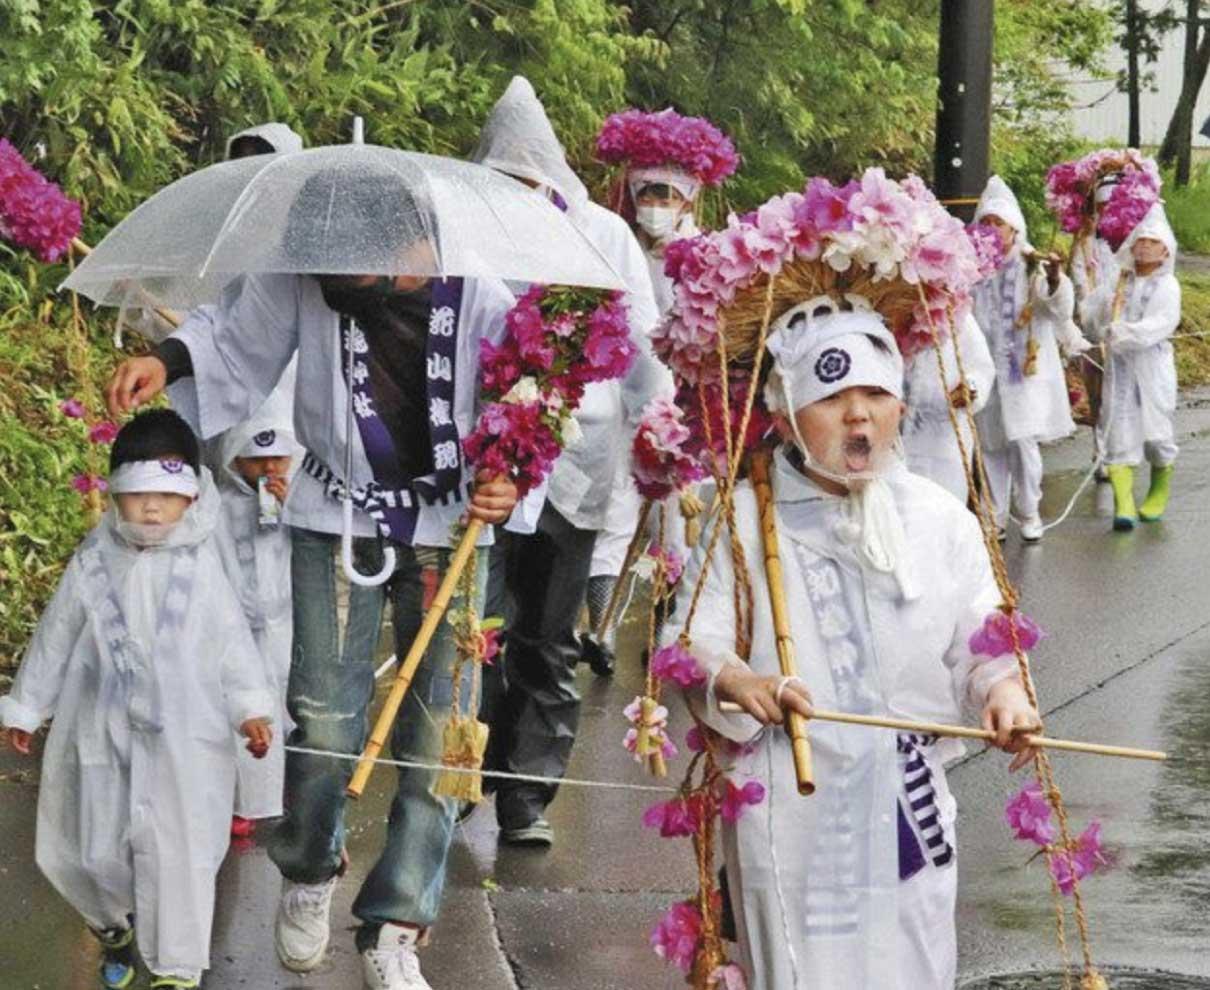 マスク越し「はなやぁーま、ごーんげーん」 福井・栃泉町で2年ぶり「花山行事」 元気な声が集落に